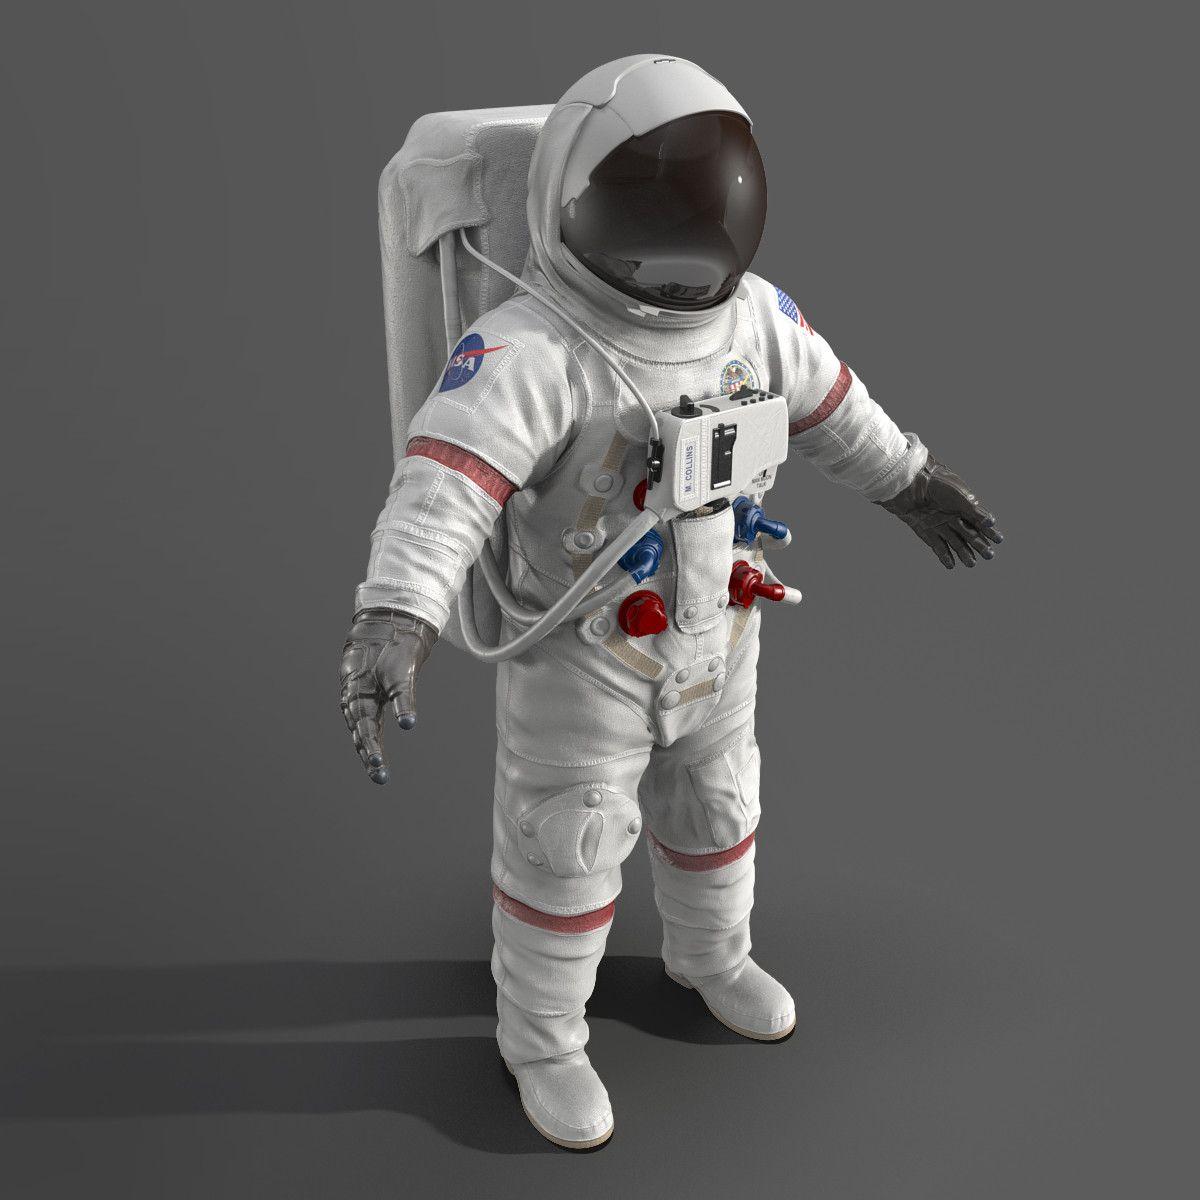 3d Astronaut Space Suit Model Space Suit Astronaut Space Suit Astronaut